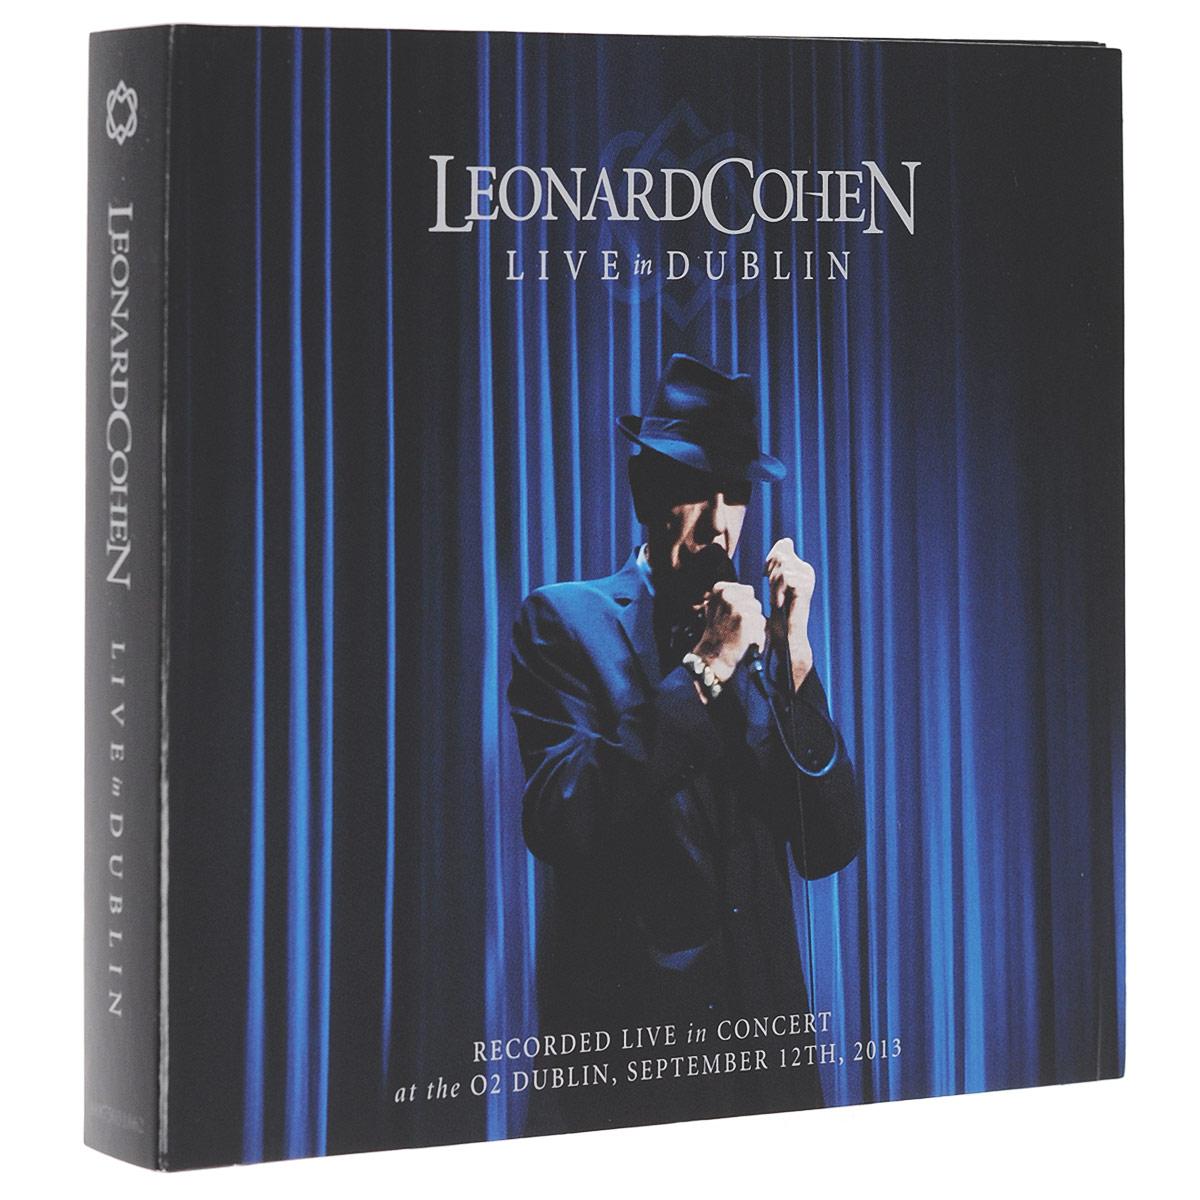 Издание содержит 16-страничный буклет с фотографиями и дополнительной информацией на английском языке.